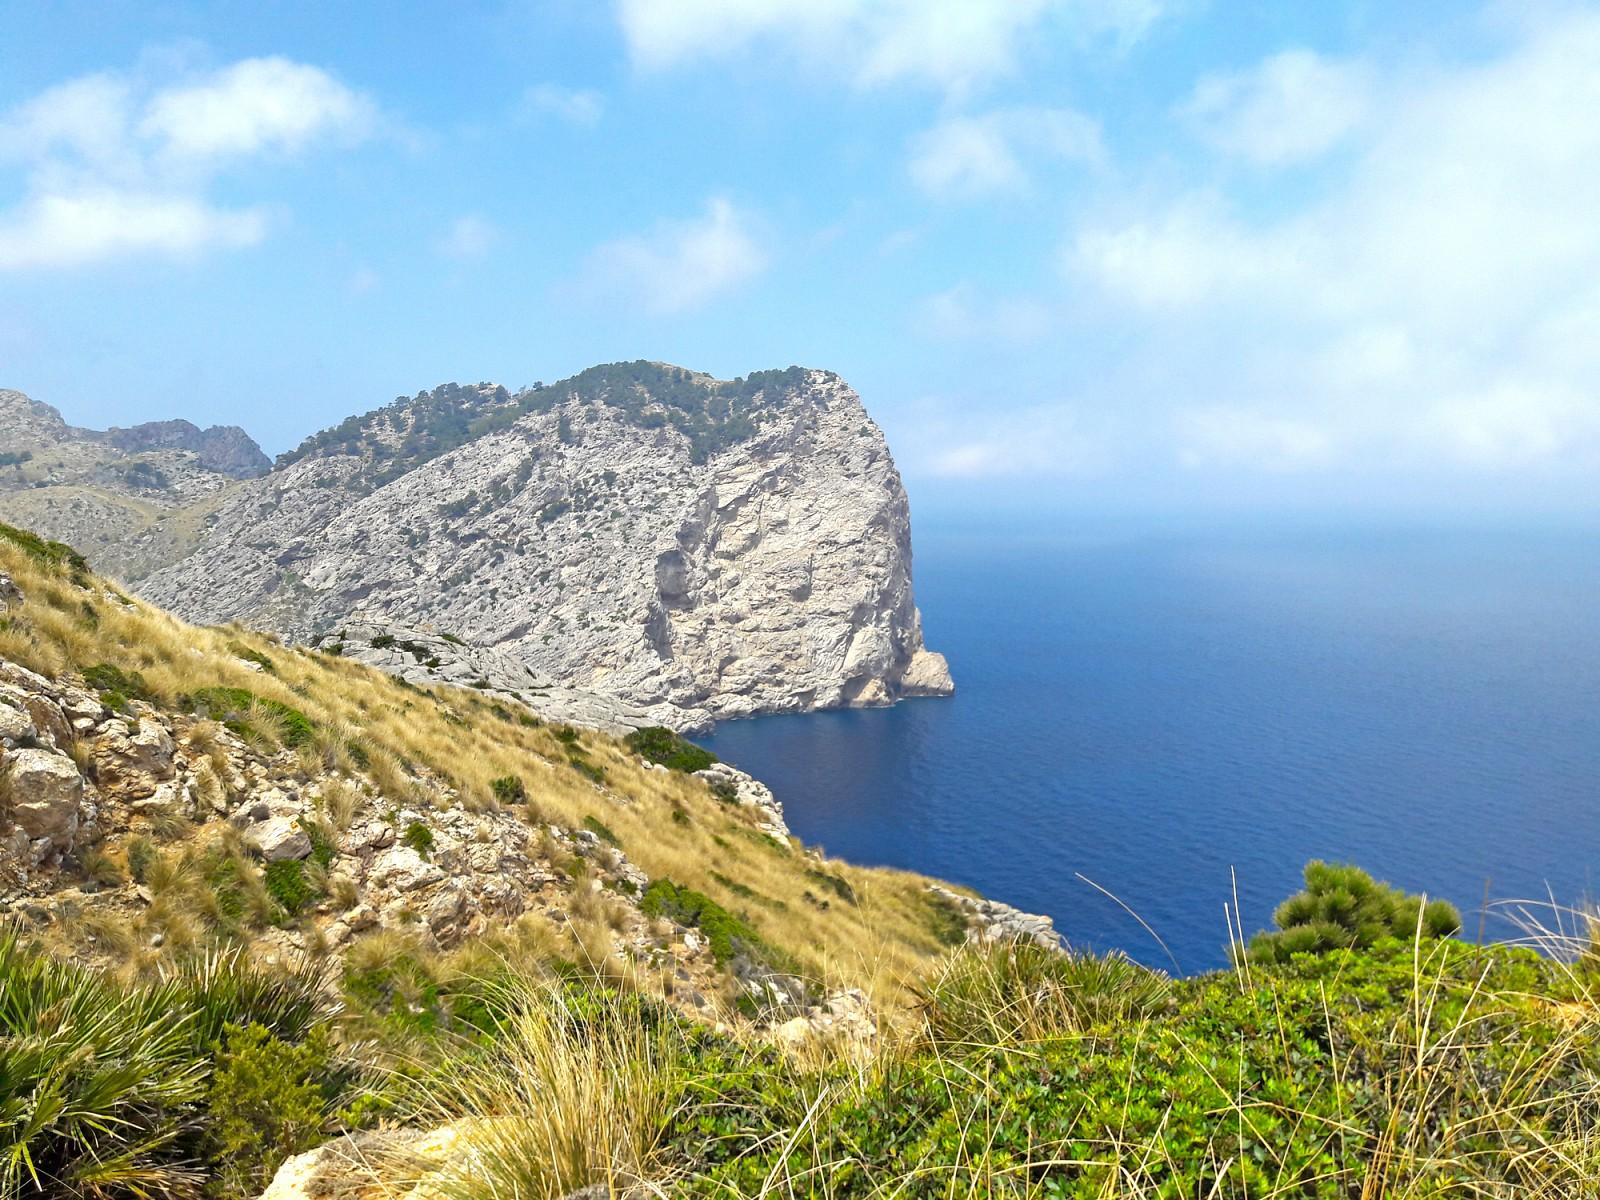 pFazit-Die-Halbinsel-Formentor-ist-zu-Fuszlig-auf-jeden-Fall-ein-lohnendes-Erlebnis-auch-wenn-man-sie-nicht-auf-klassischen-Wanderwegen-begehtp